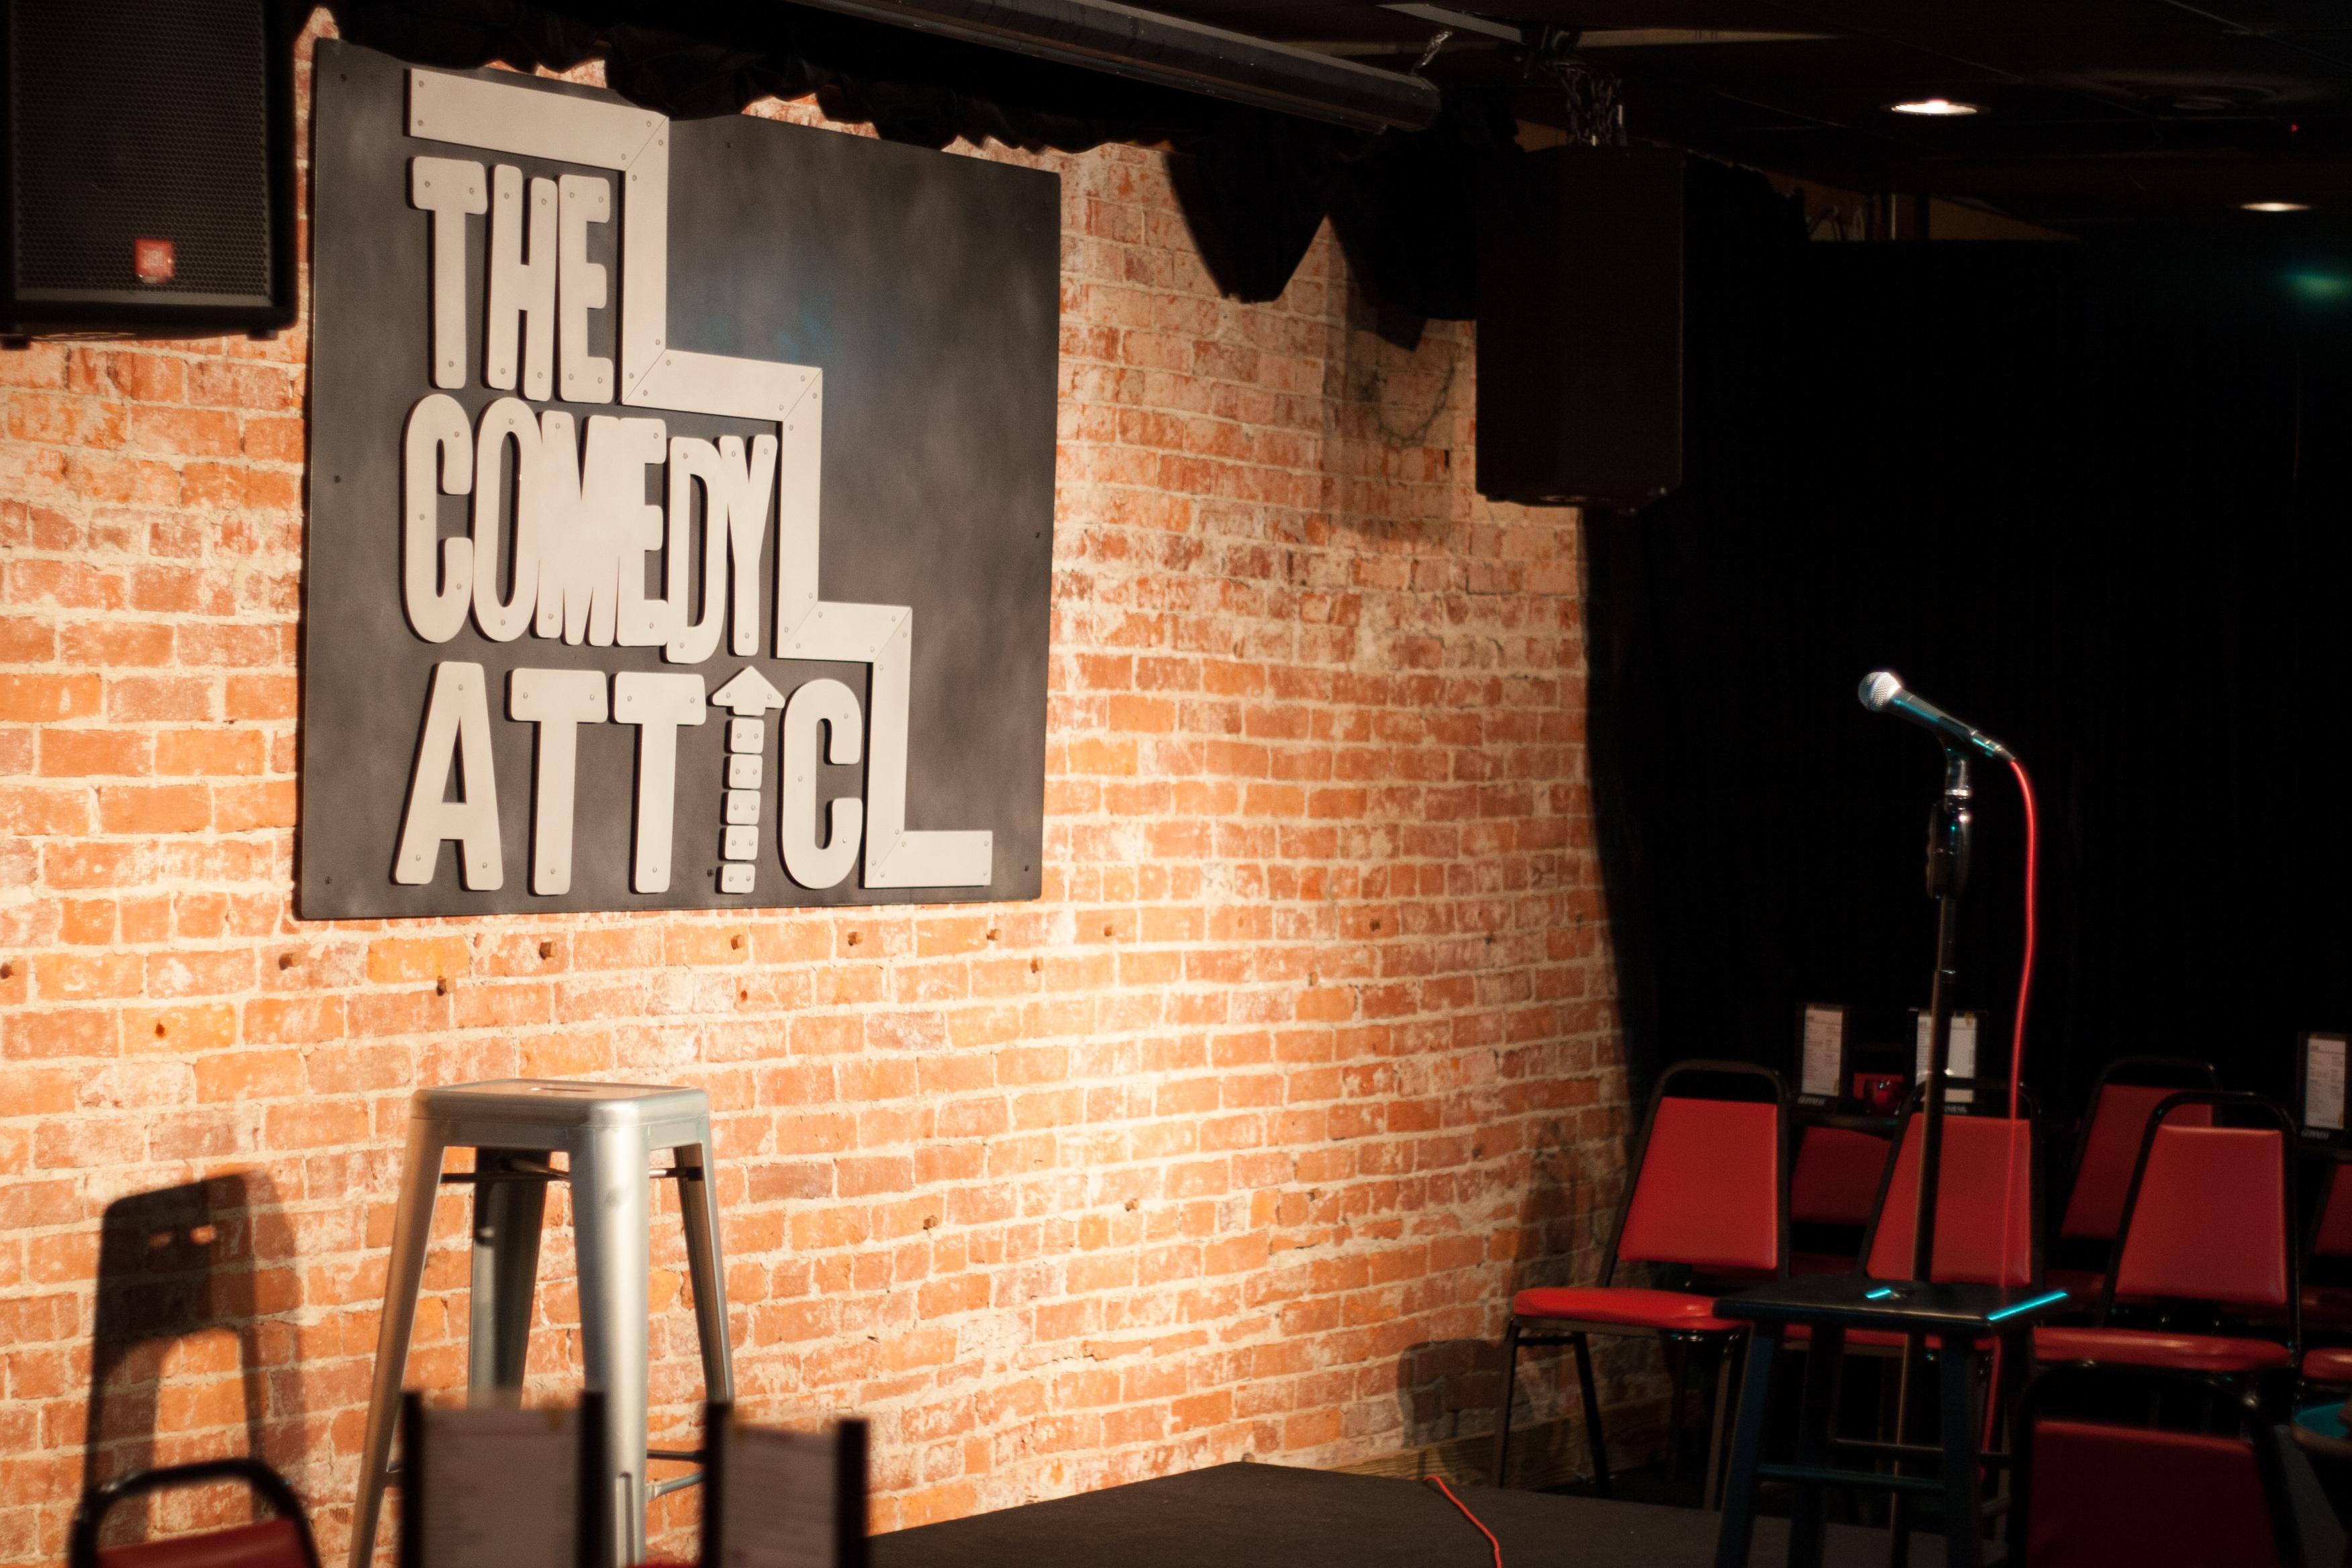 Attic Pictures the comedy attic